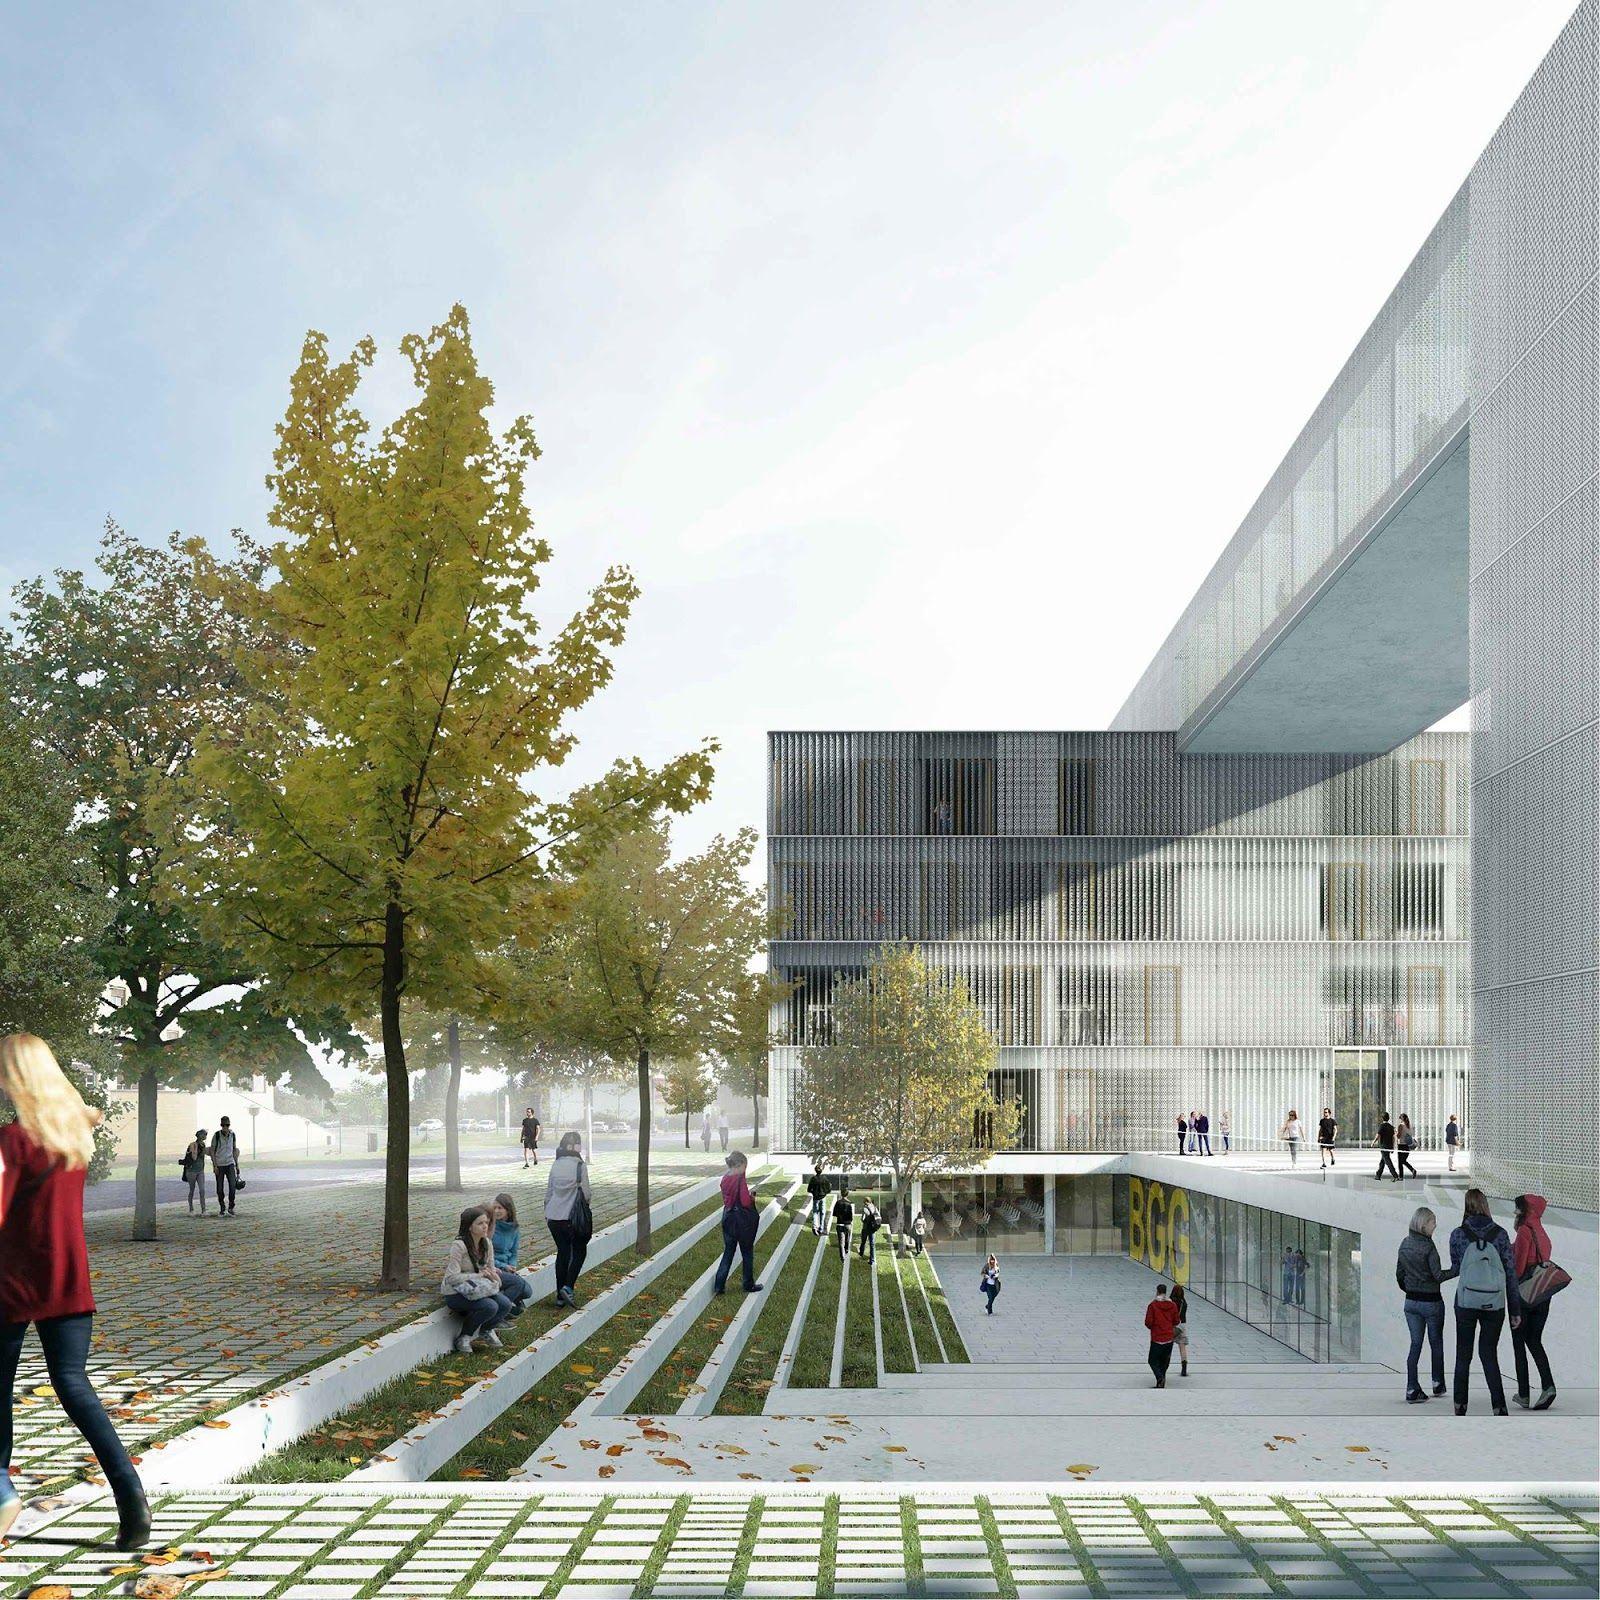 A F A S I A Bevk Perovic Landscape Architecture Design University Architecture Public Architecture